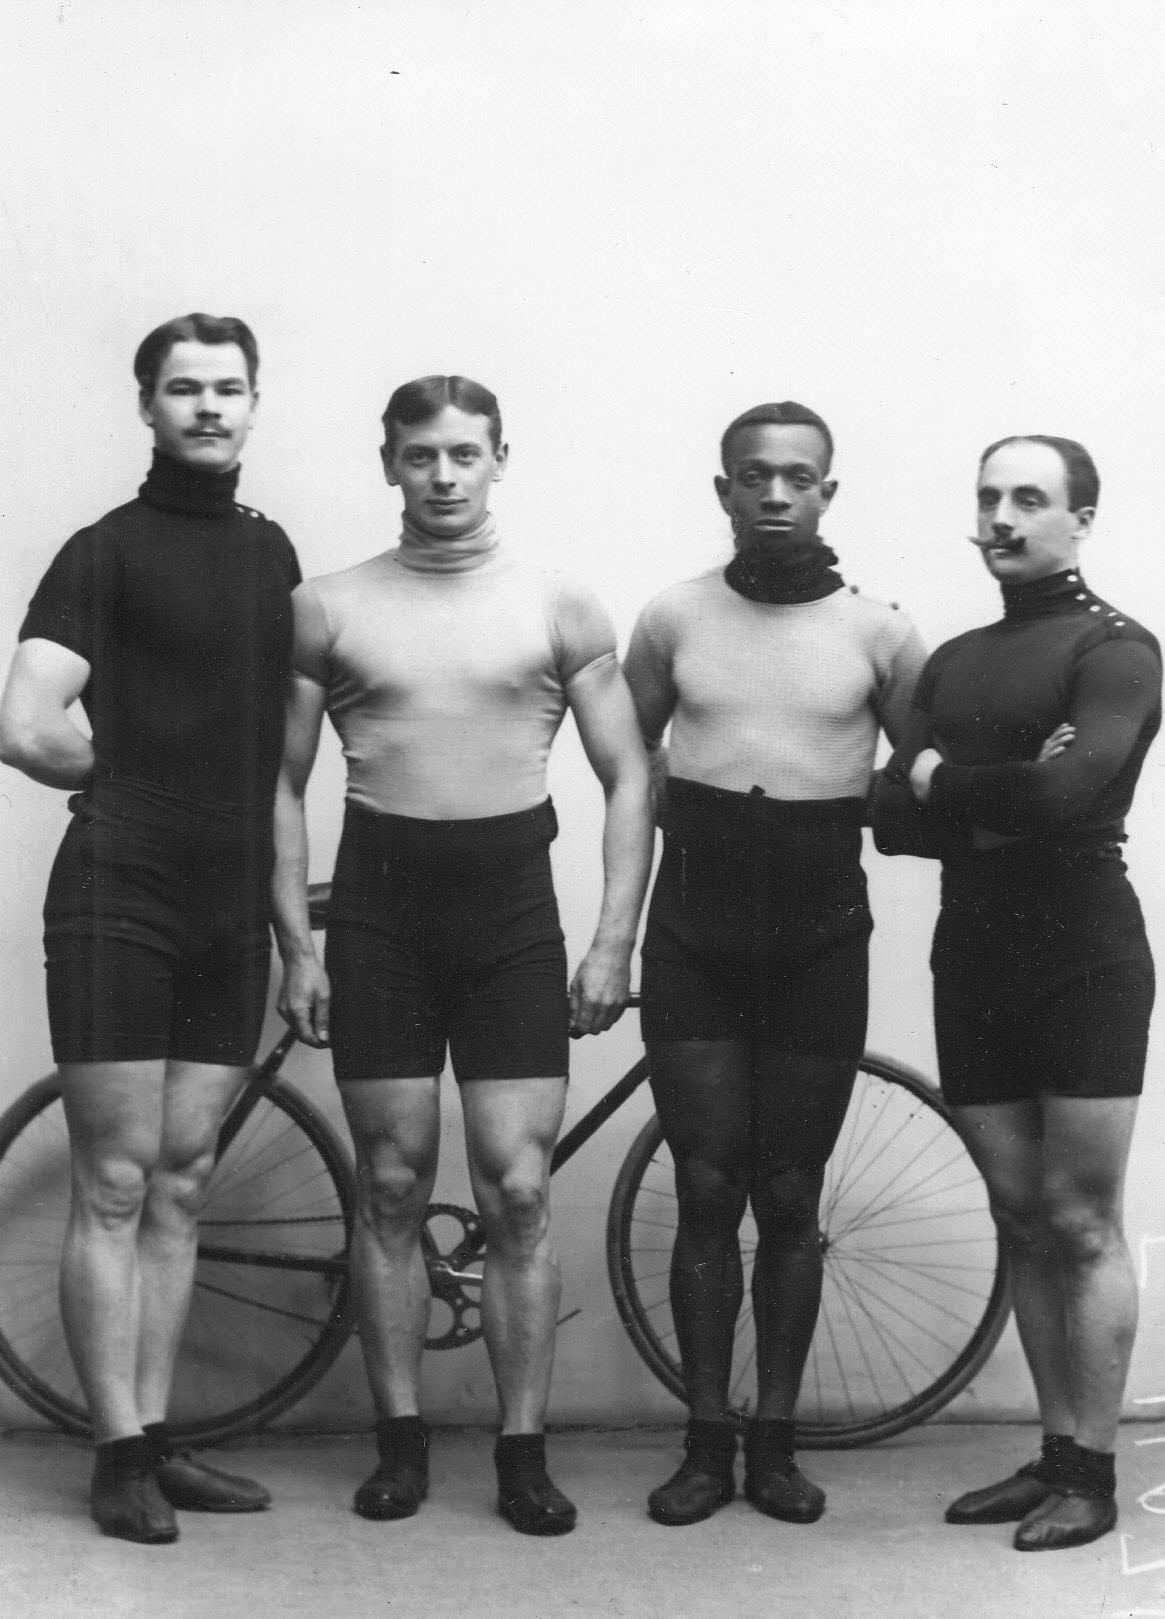 Известные гонщики во время международных соревнований в Санкт-Петербурге  чемпион Германии Майер, чемпион России Крульников, чемпион США Тейлор, чемпион Австрии Кудел. 1910